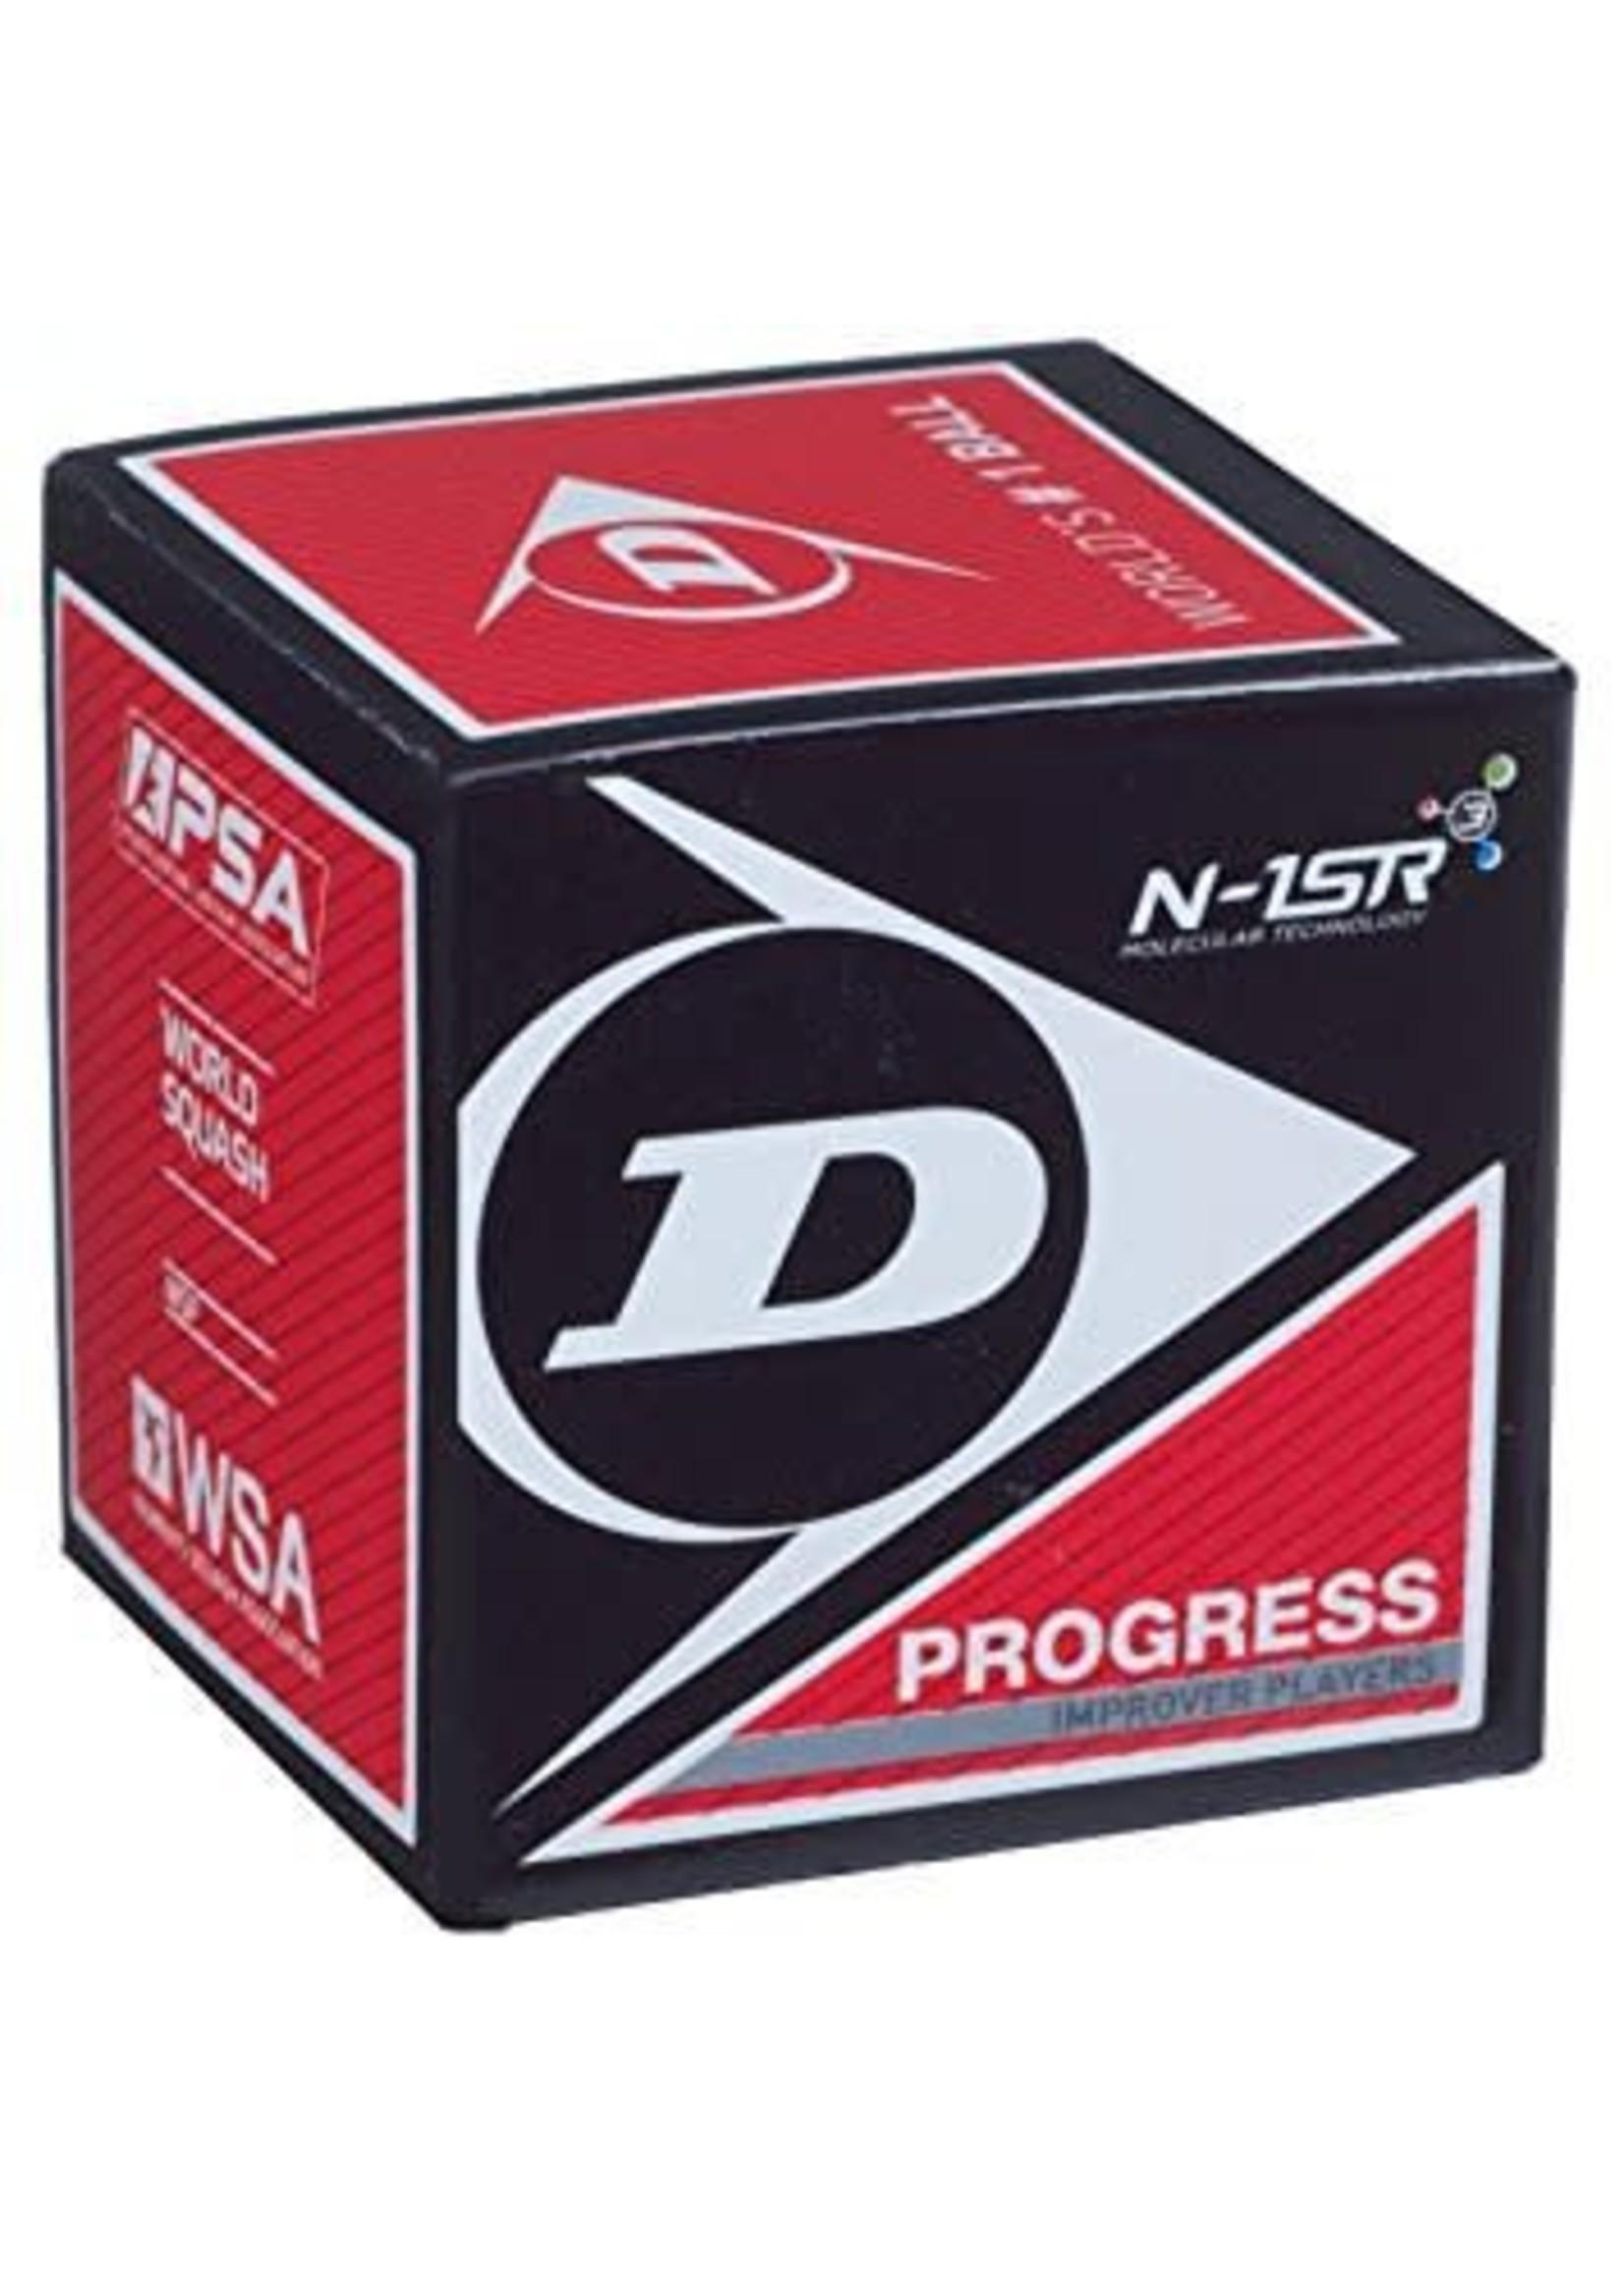 Dunlop Dunlop Progress Squash Ball (Red Dot)